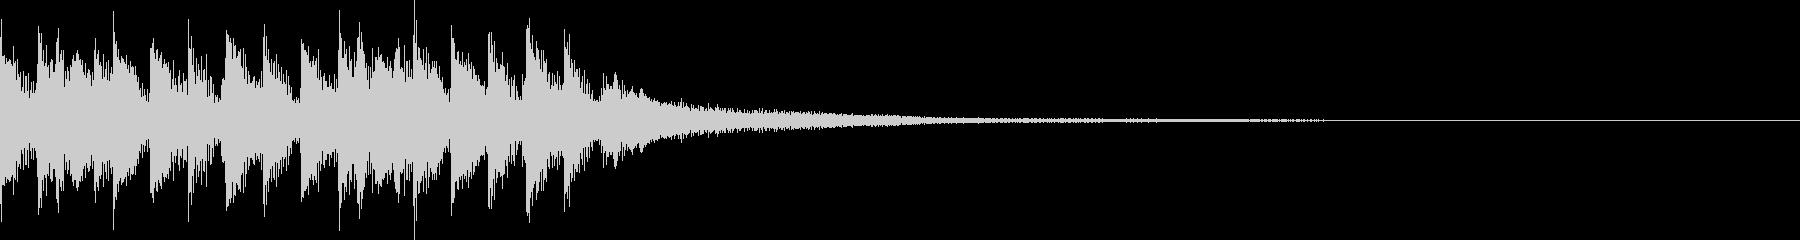 キャッチーEDM・ADMジングル8の未再生の波形